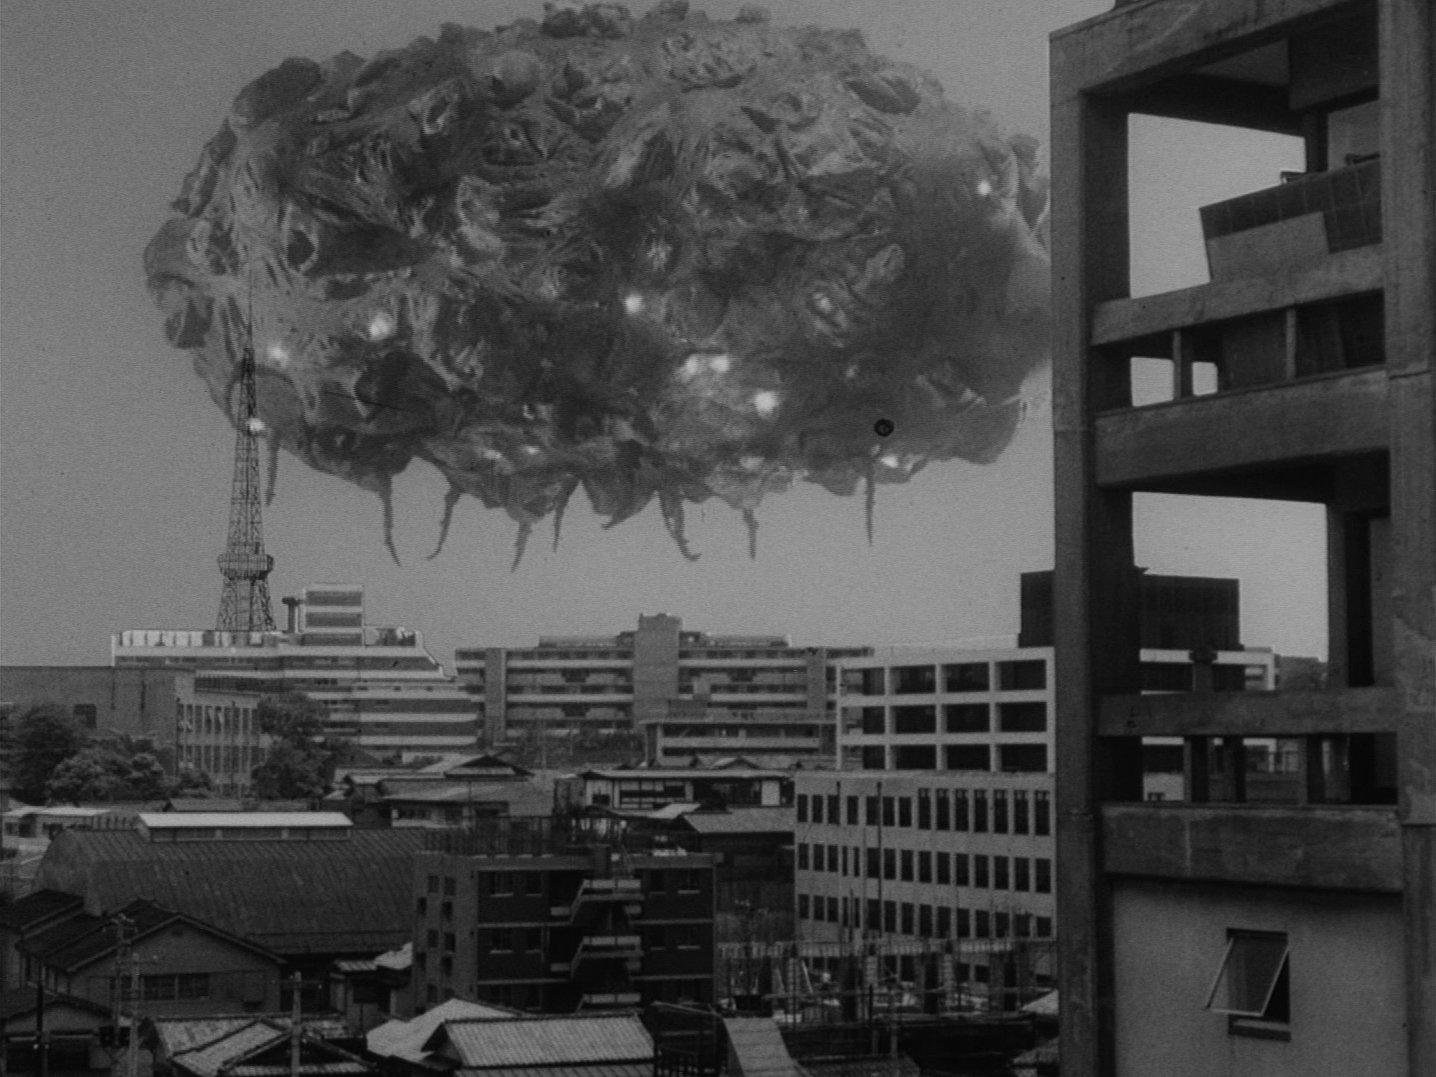 『ウルトラQ』第11話「バルンガ」第三形態